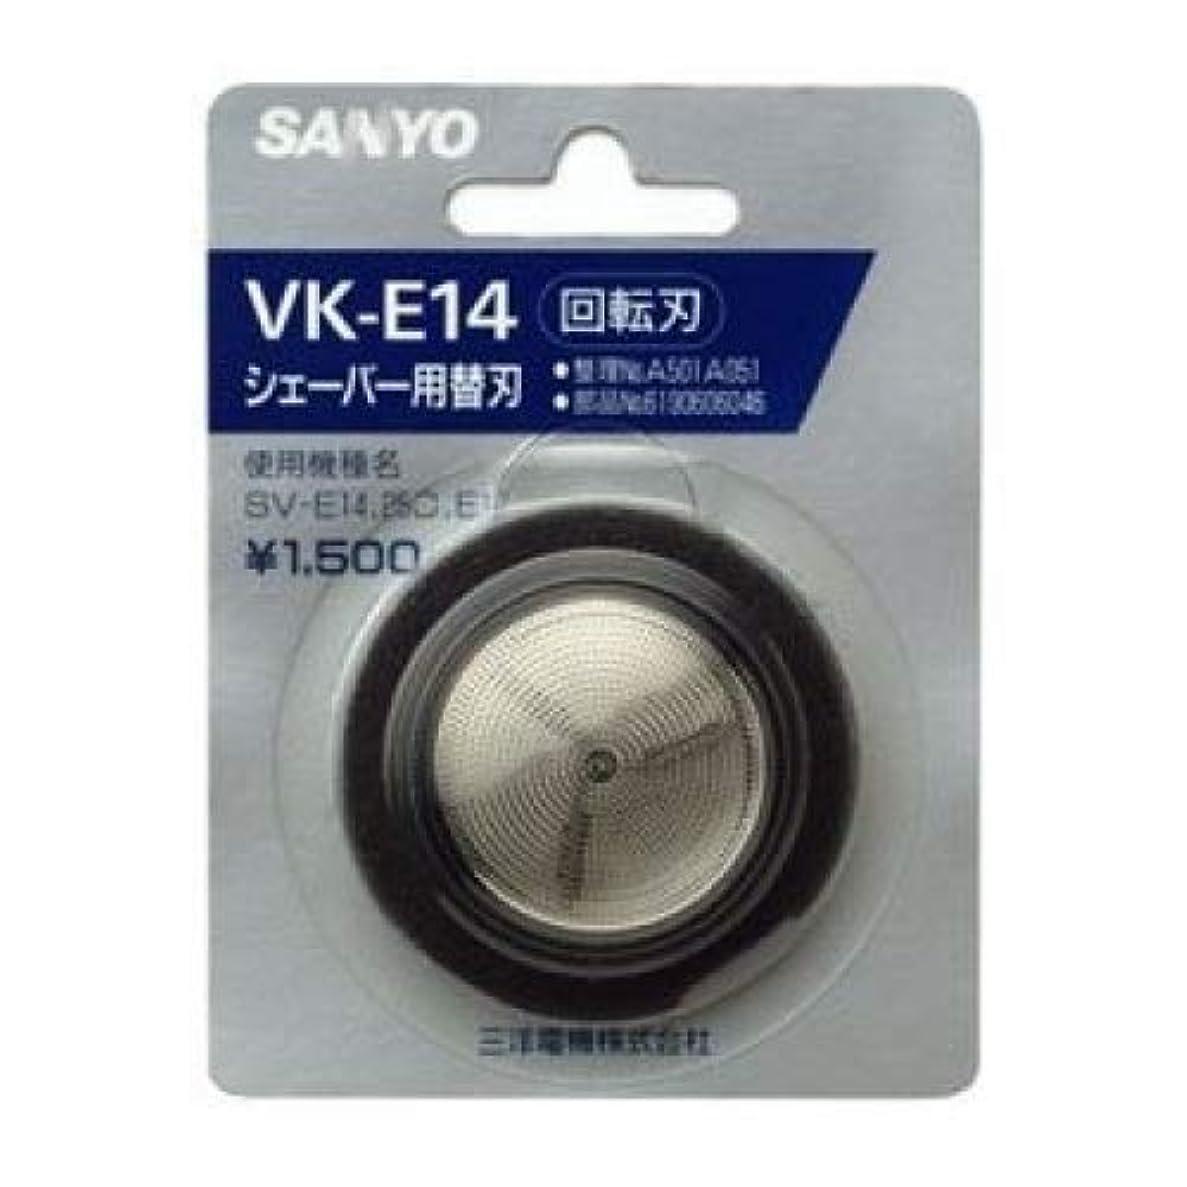 以上すでに熱狂的なSANYO シェーバー用替刃 回転式 内?外刃セット KA-VK-E14